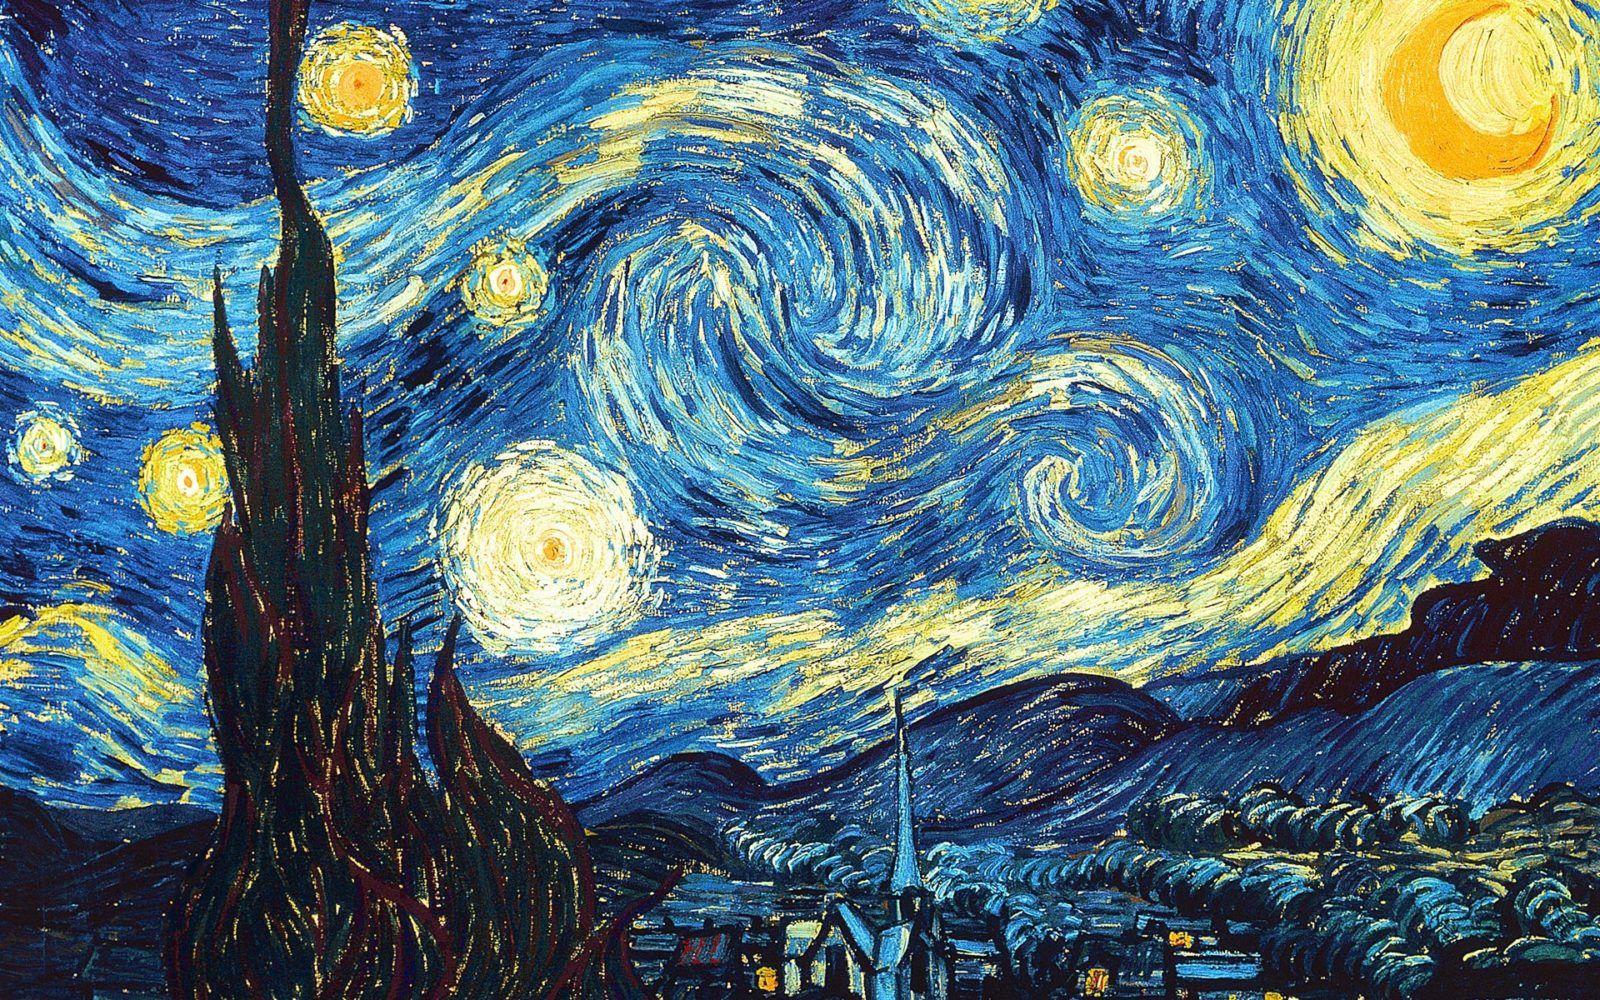 La noche estrellada. 1889. Museo de Arte Moderno de Nueva York.